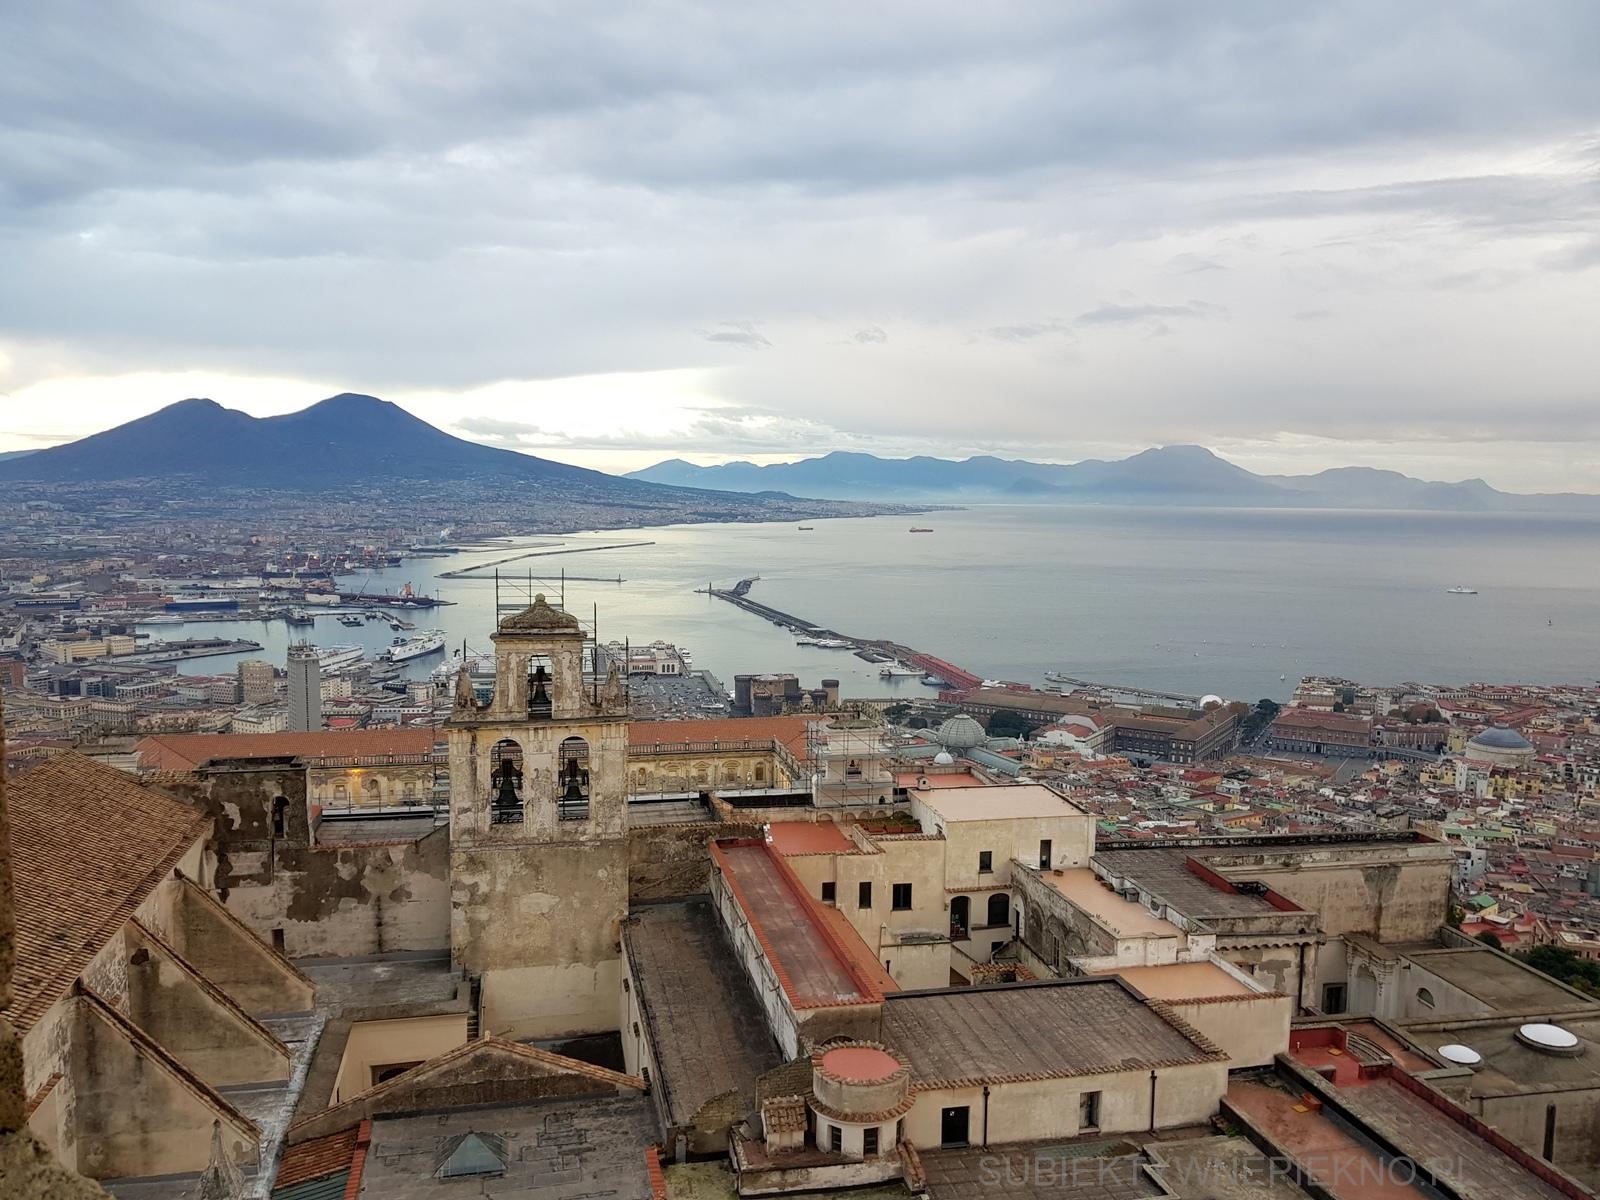 Co warto zobaczyć w Neapolu? Najciekawsze miejsca i atrakcje cz.2 | Zamek Sant'Elmo, Pałac Królewski, Pompeje, Castel Nuovo